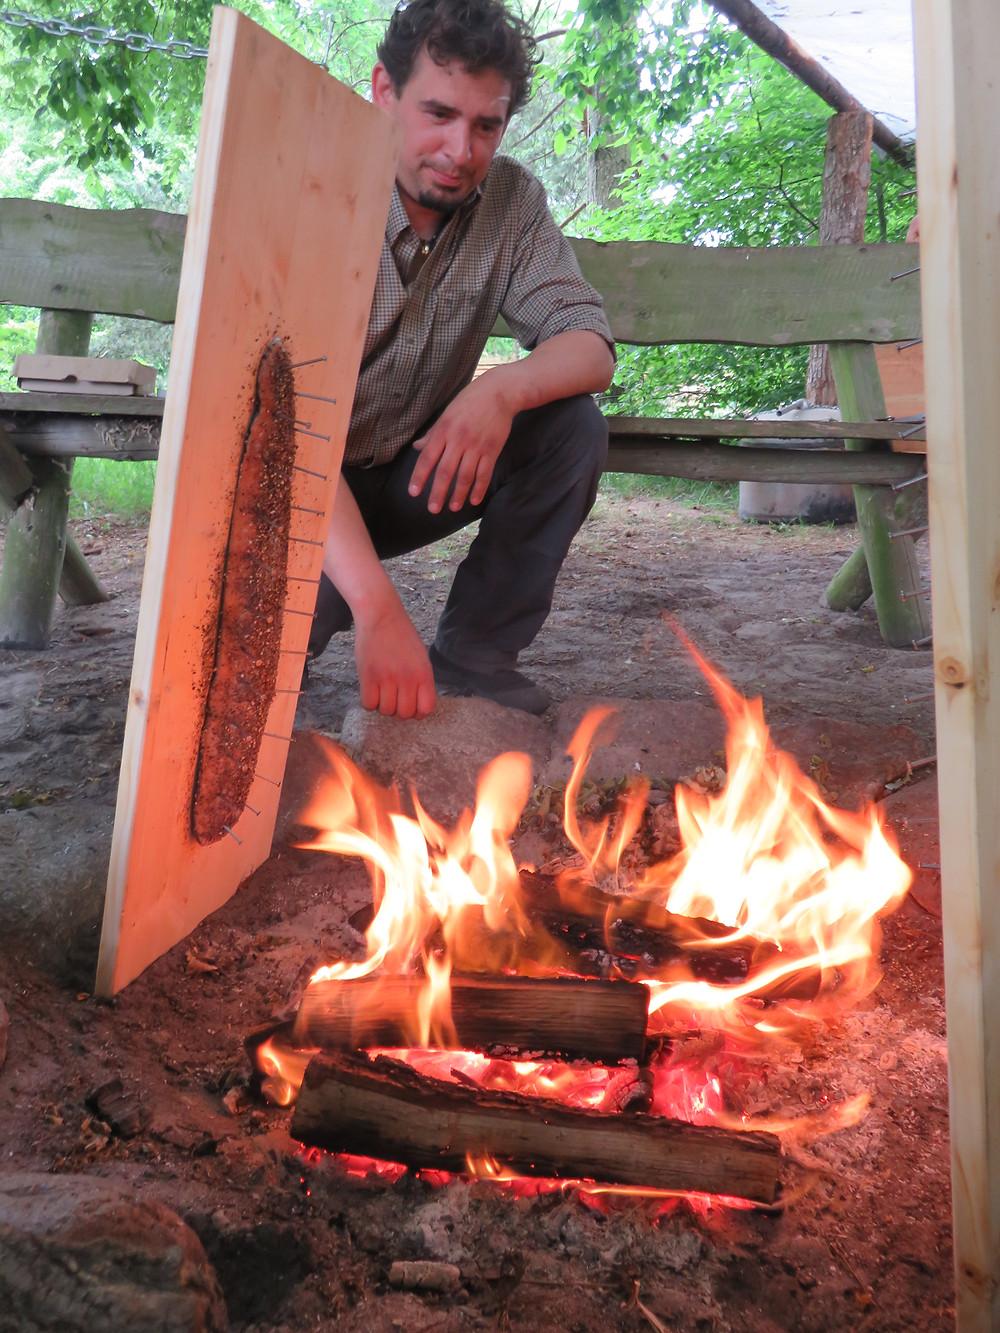 Lachs am Brett am Lagerfeuer zubereitet. Walter Mahnert